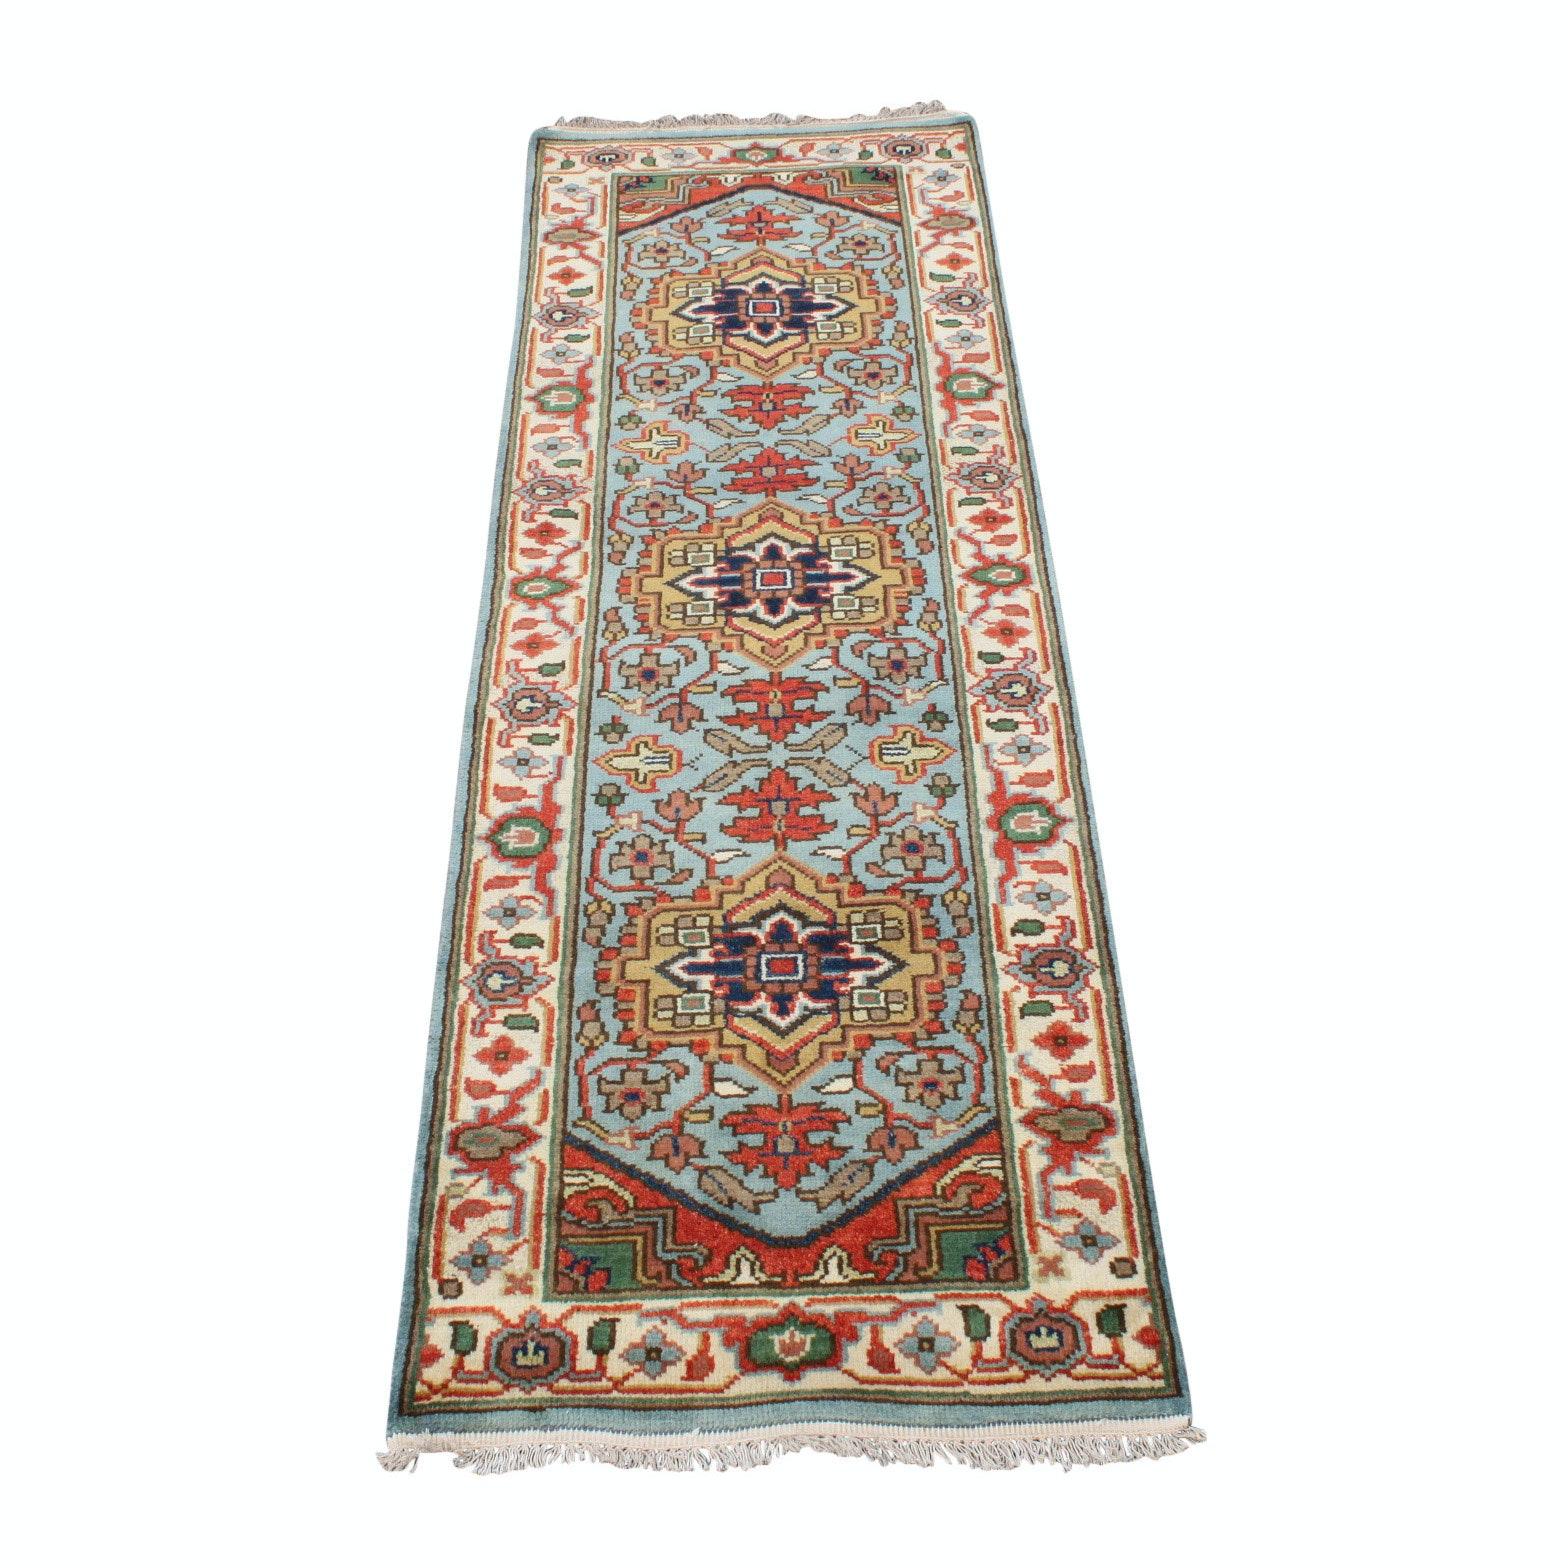 Hand-Knotted Indo-Persian Bakhshayesh Heriz Carpet Runner